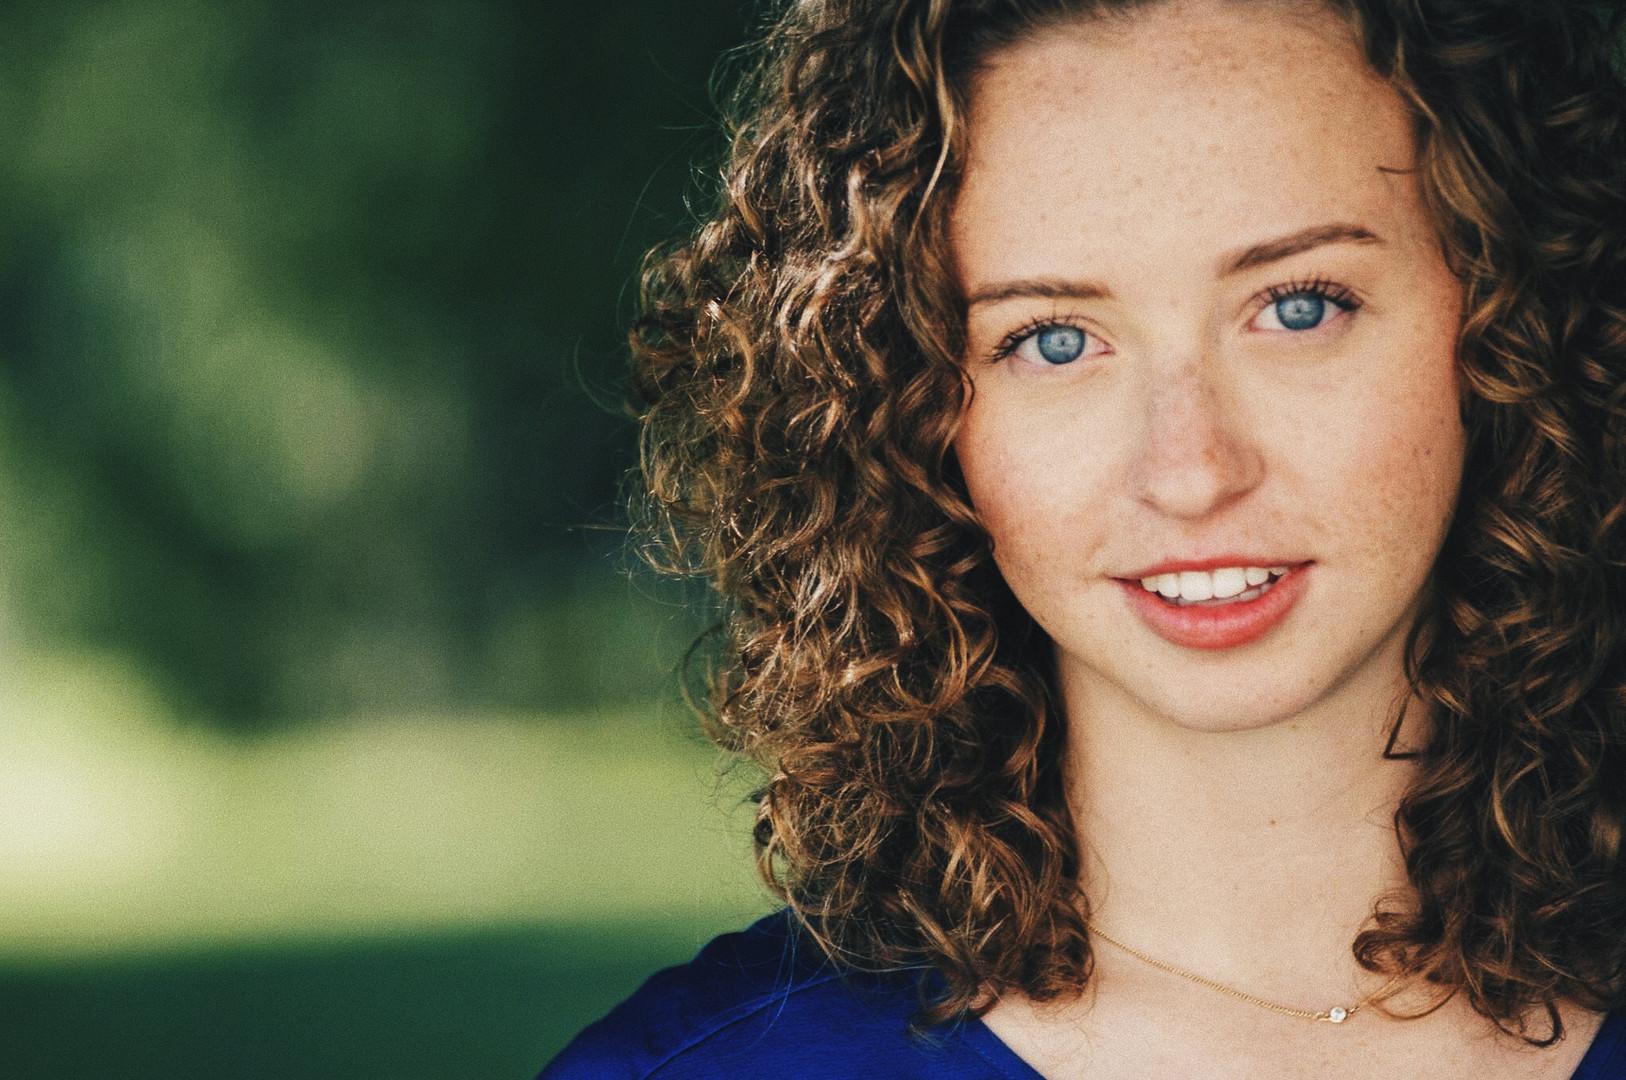 Courtney Monier